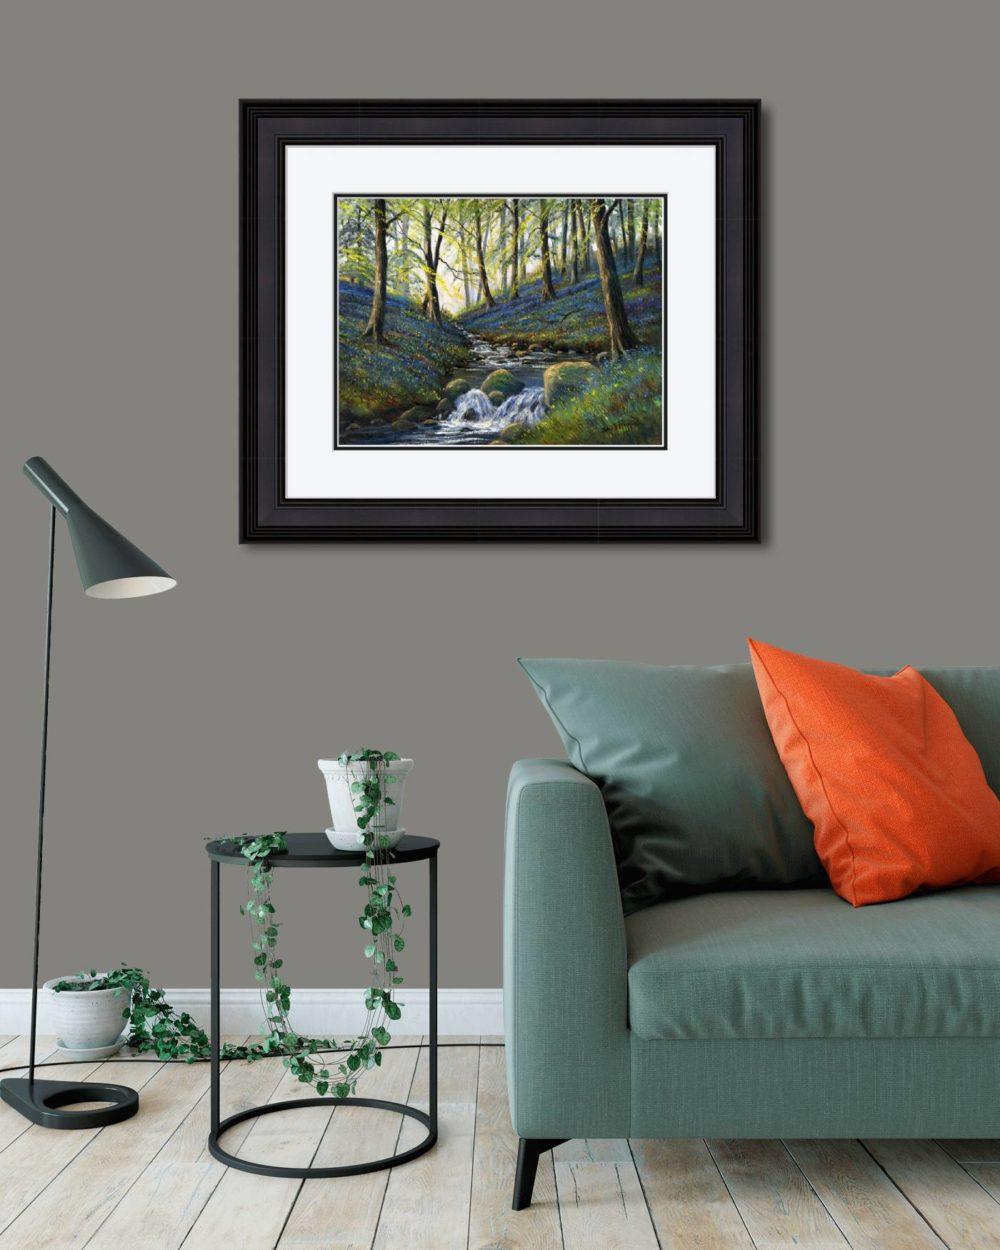 Bluebells Slatequarry Print (Large) in Black Frame in Room